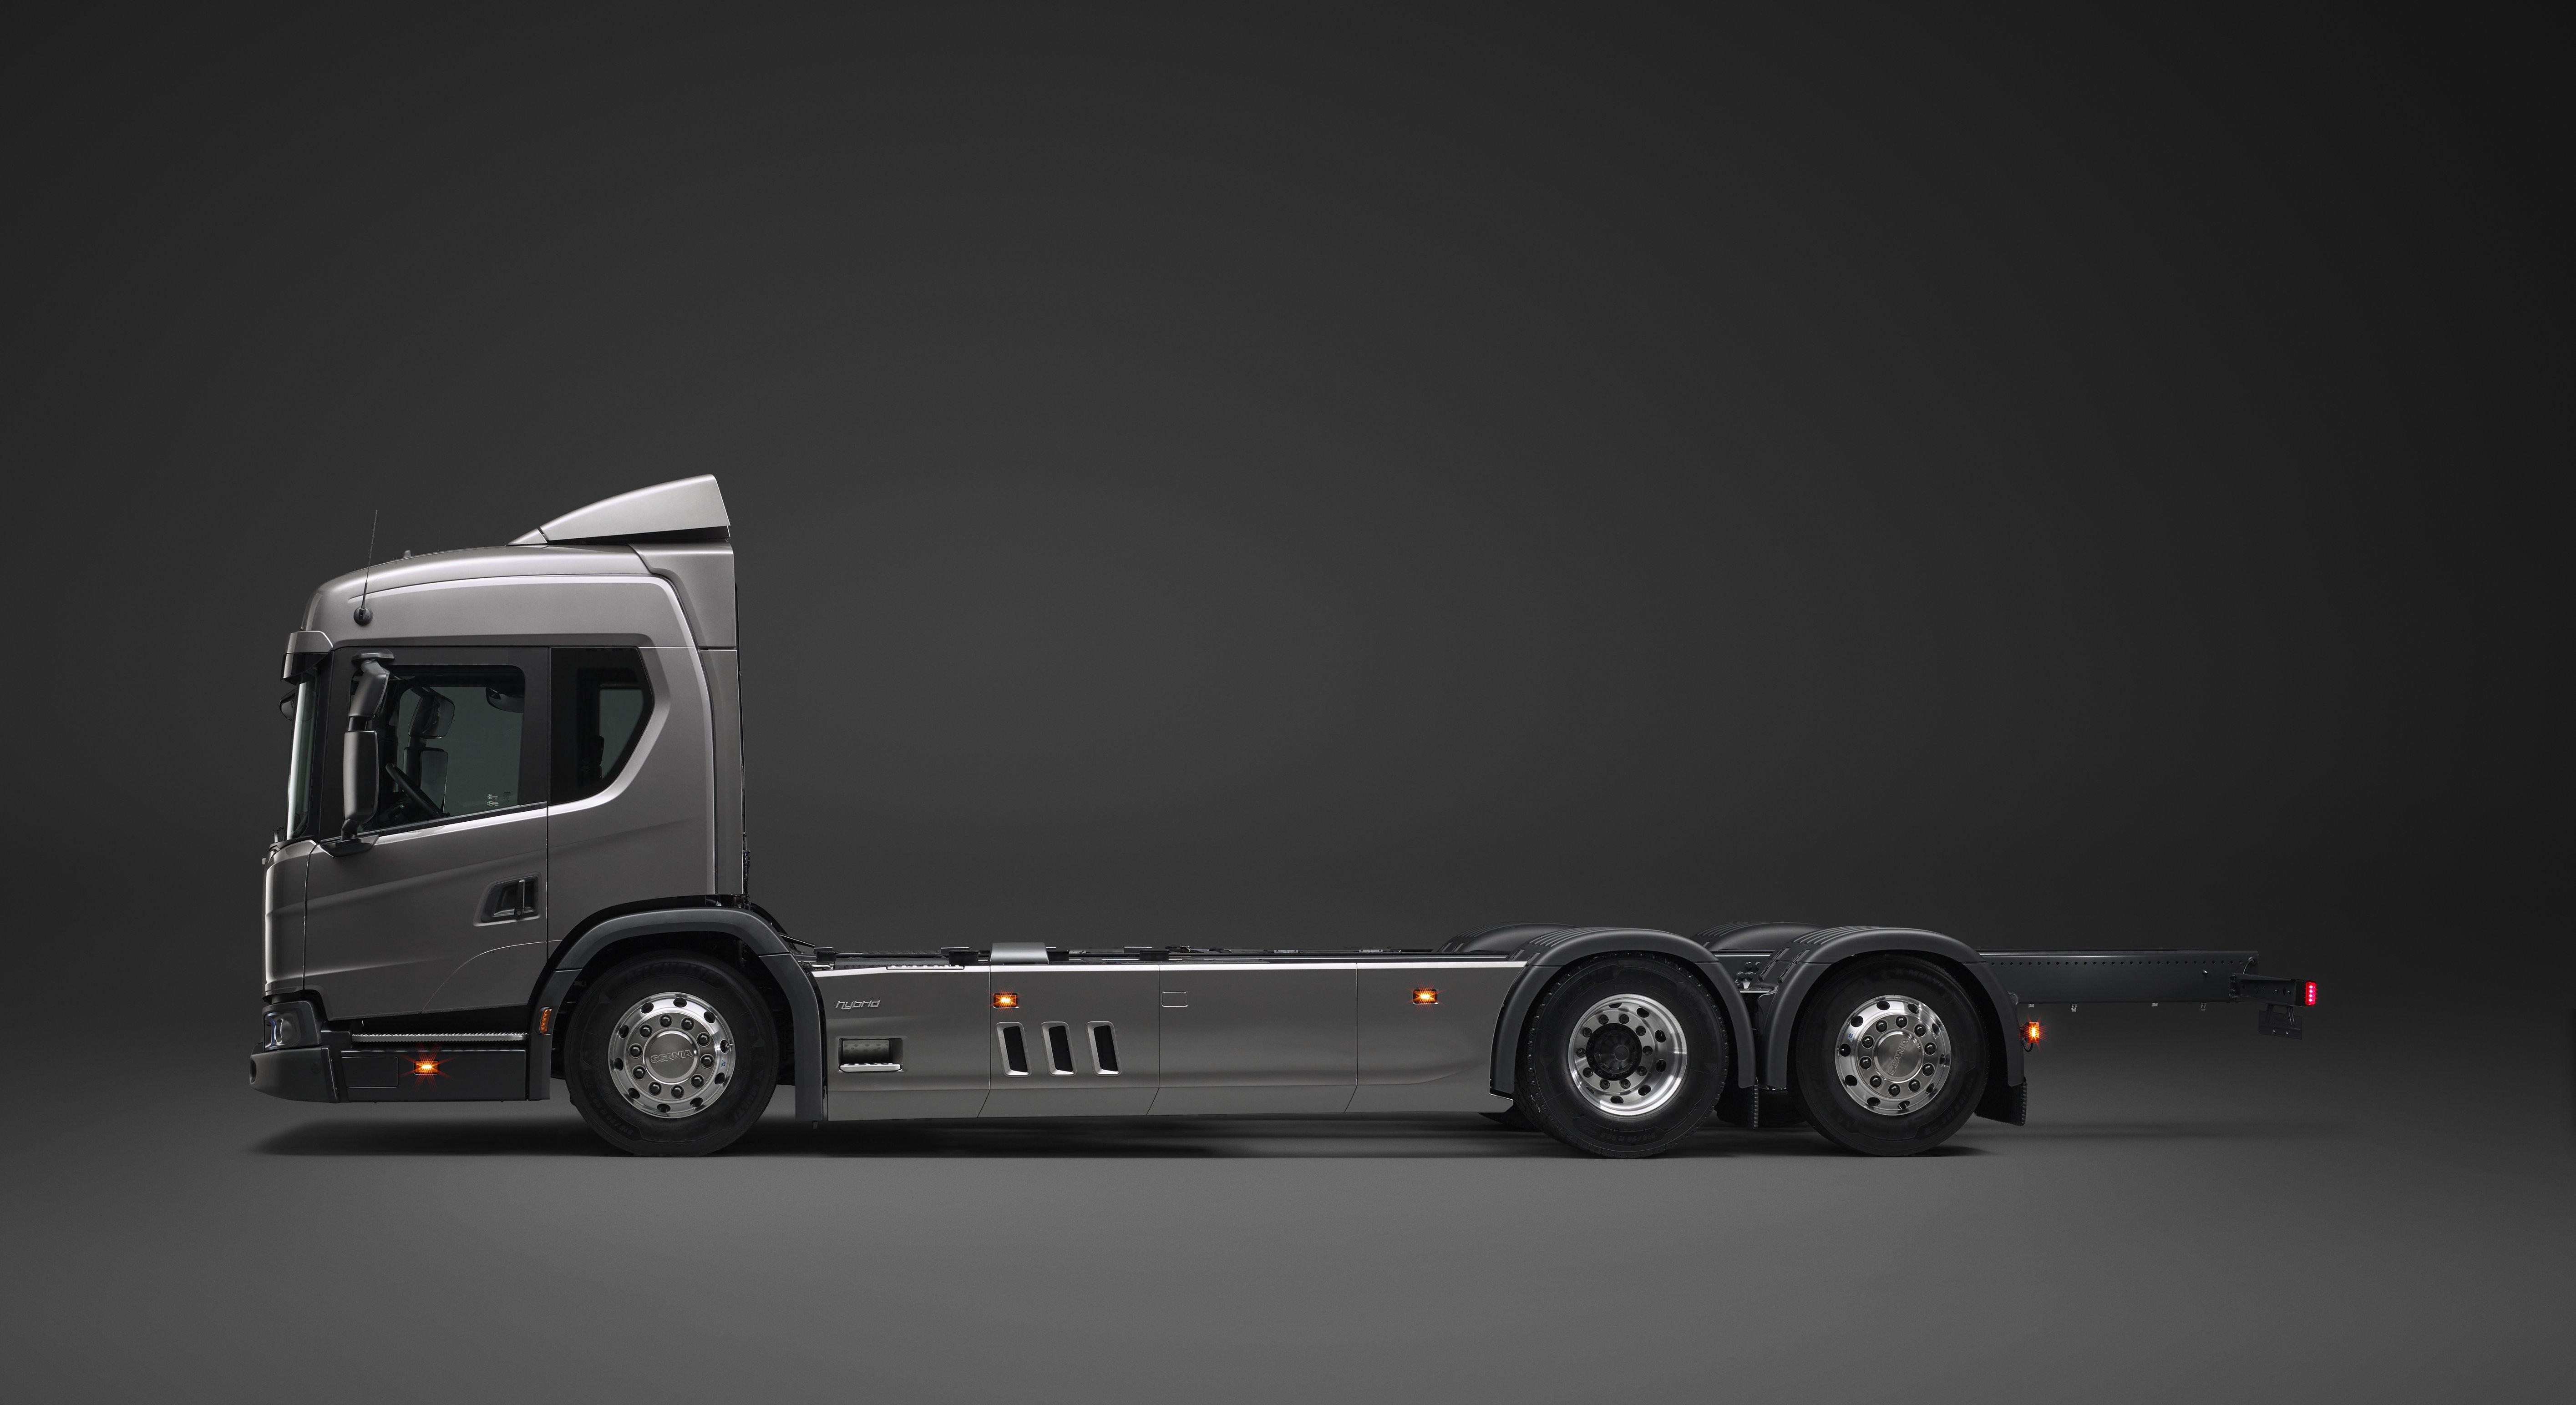 Versatile Hybrid Trucks For Urban Lications